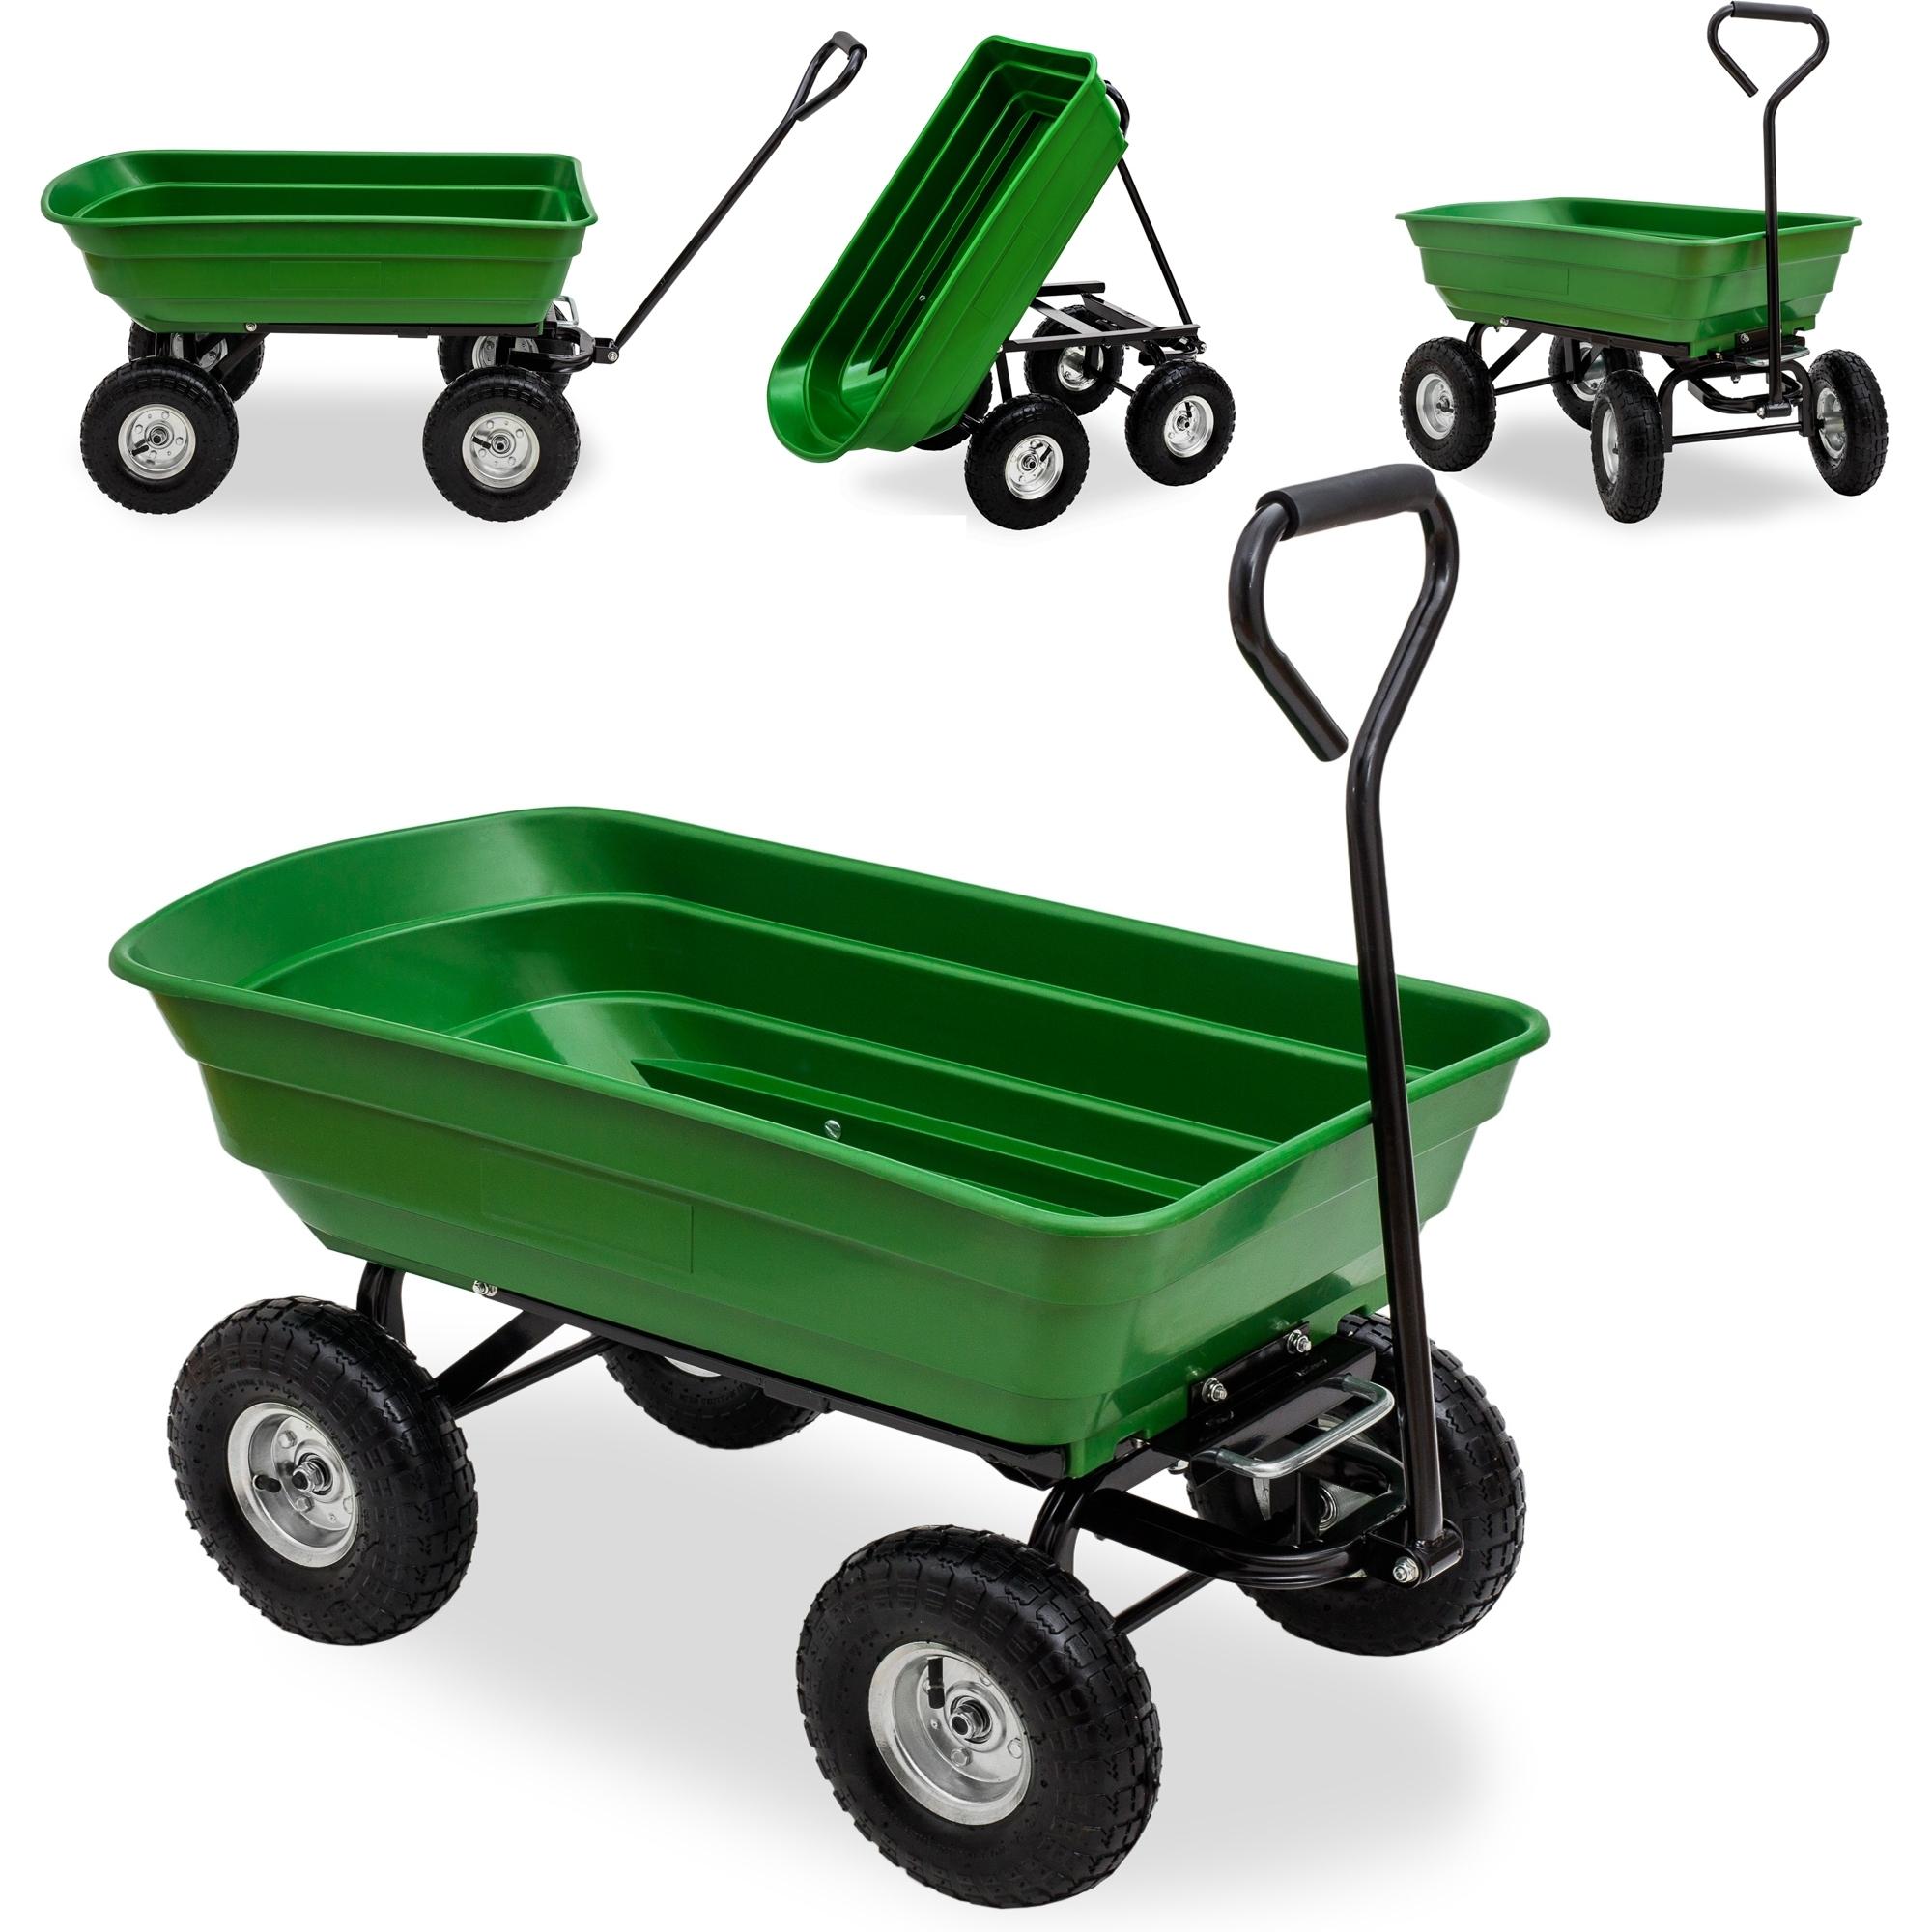 Jom Chariot Benne À Bascule De Jardin Chariot À Main Charette De  Basculement 75L/ 250 Kg destiné Charette Jardin